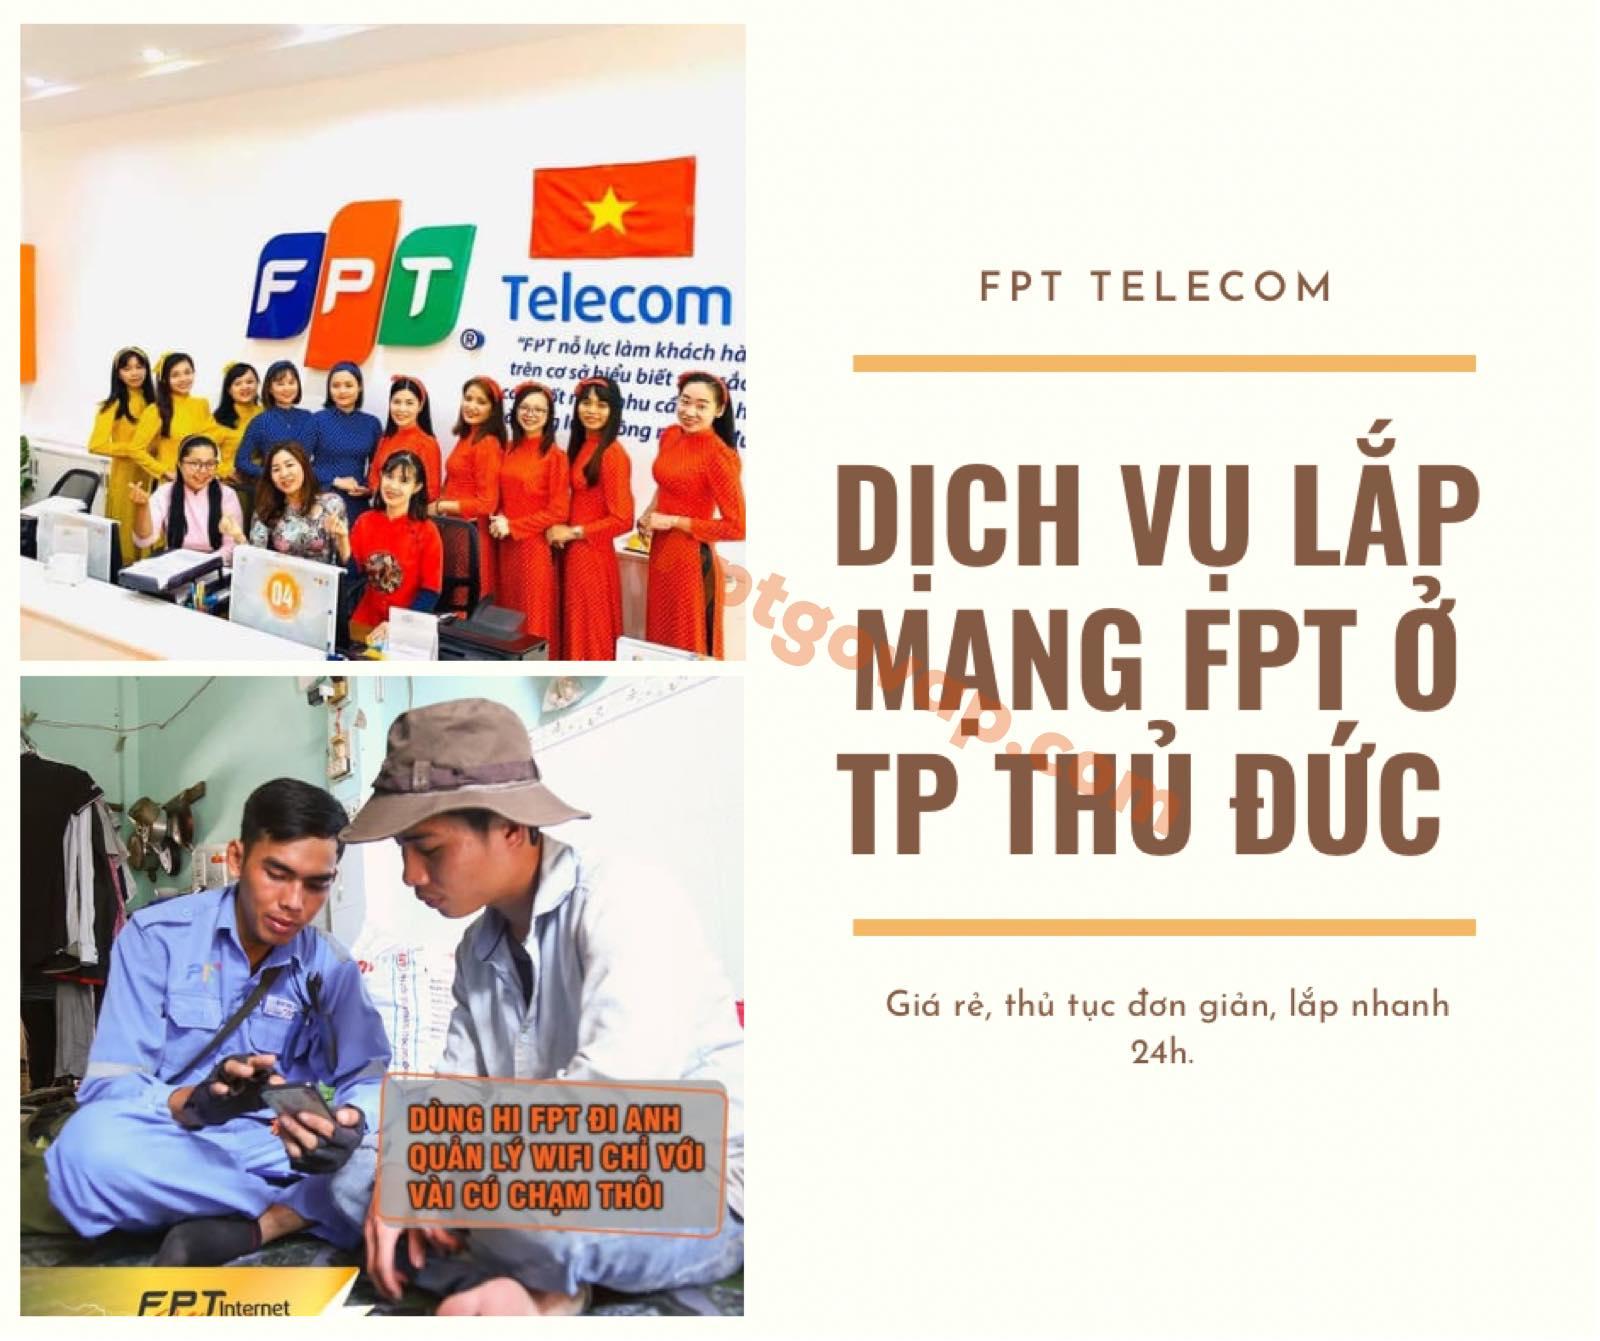 Giới thiệu dịch vụ lắp mạng FPT ở Tp Thủ Đức năm 2021.